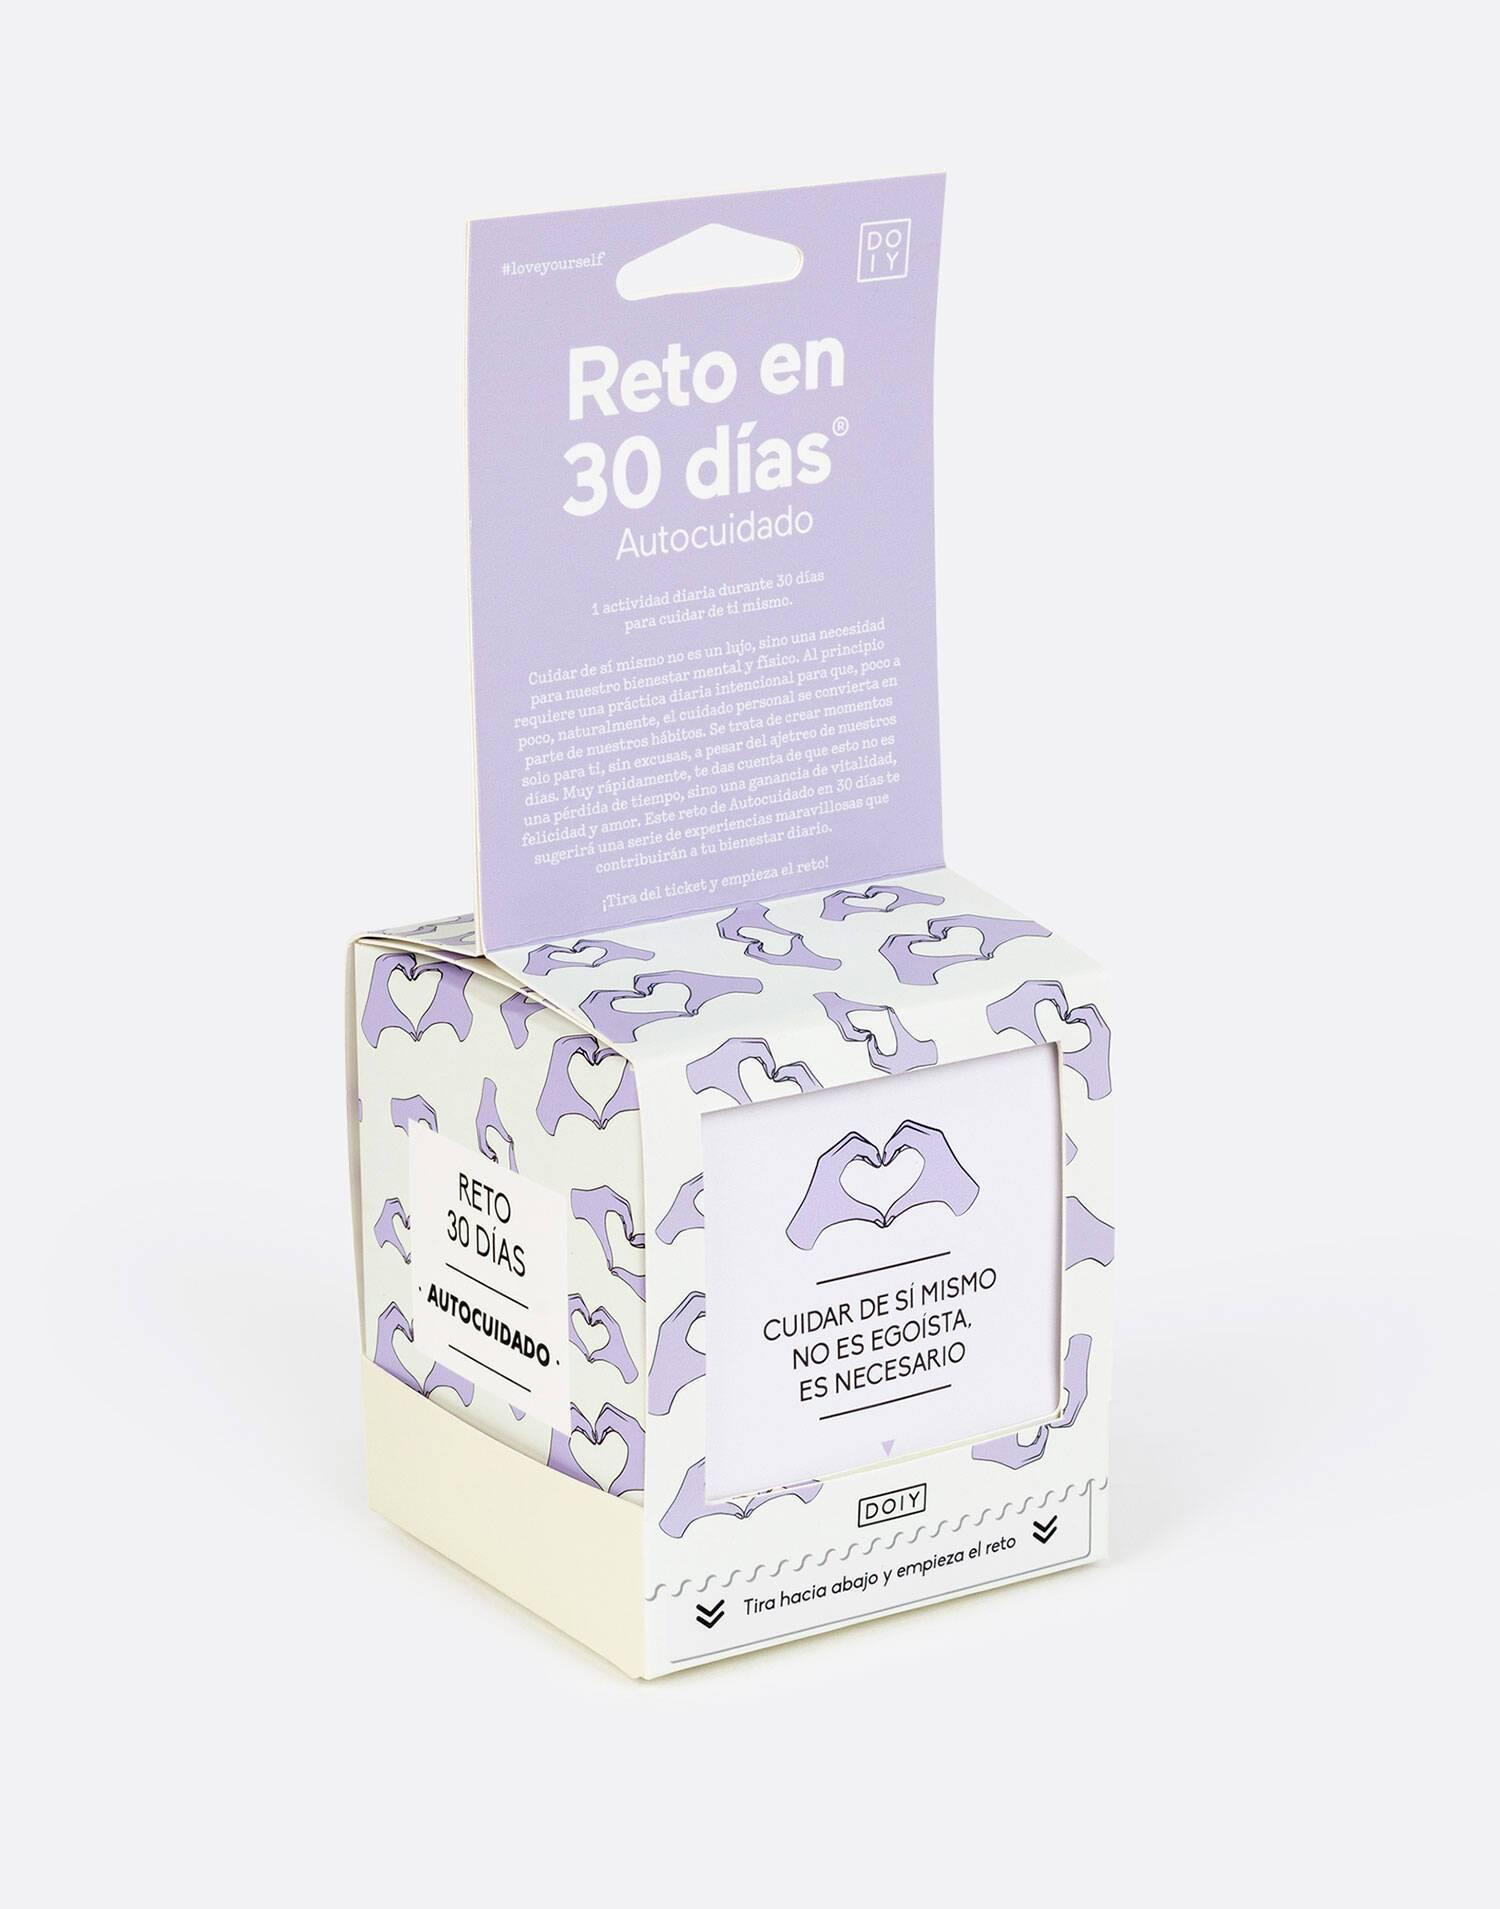 Reto 30 días auf spanisch